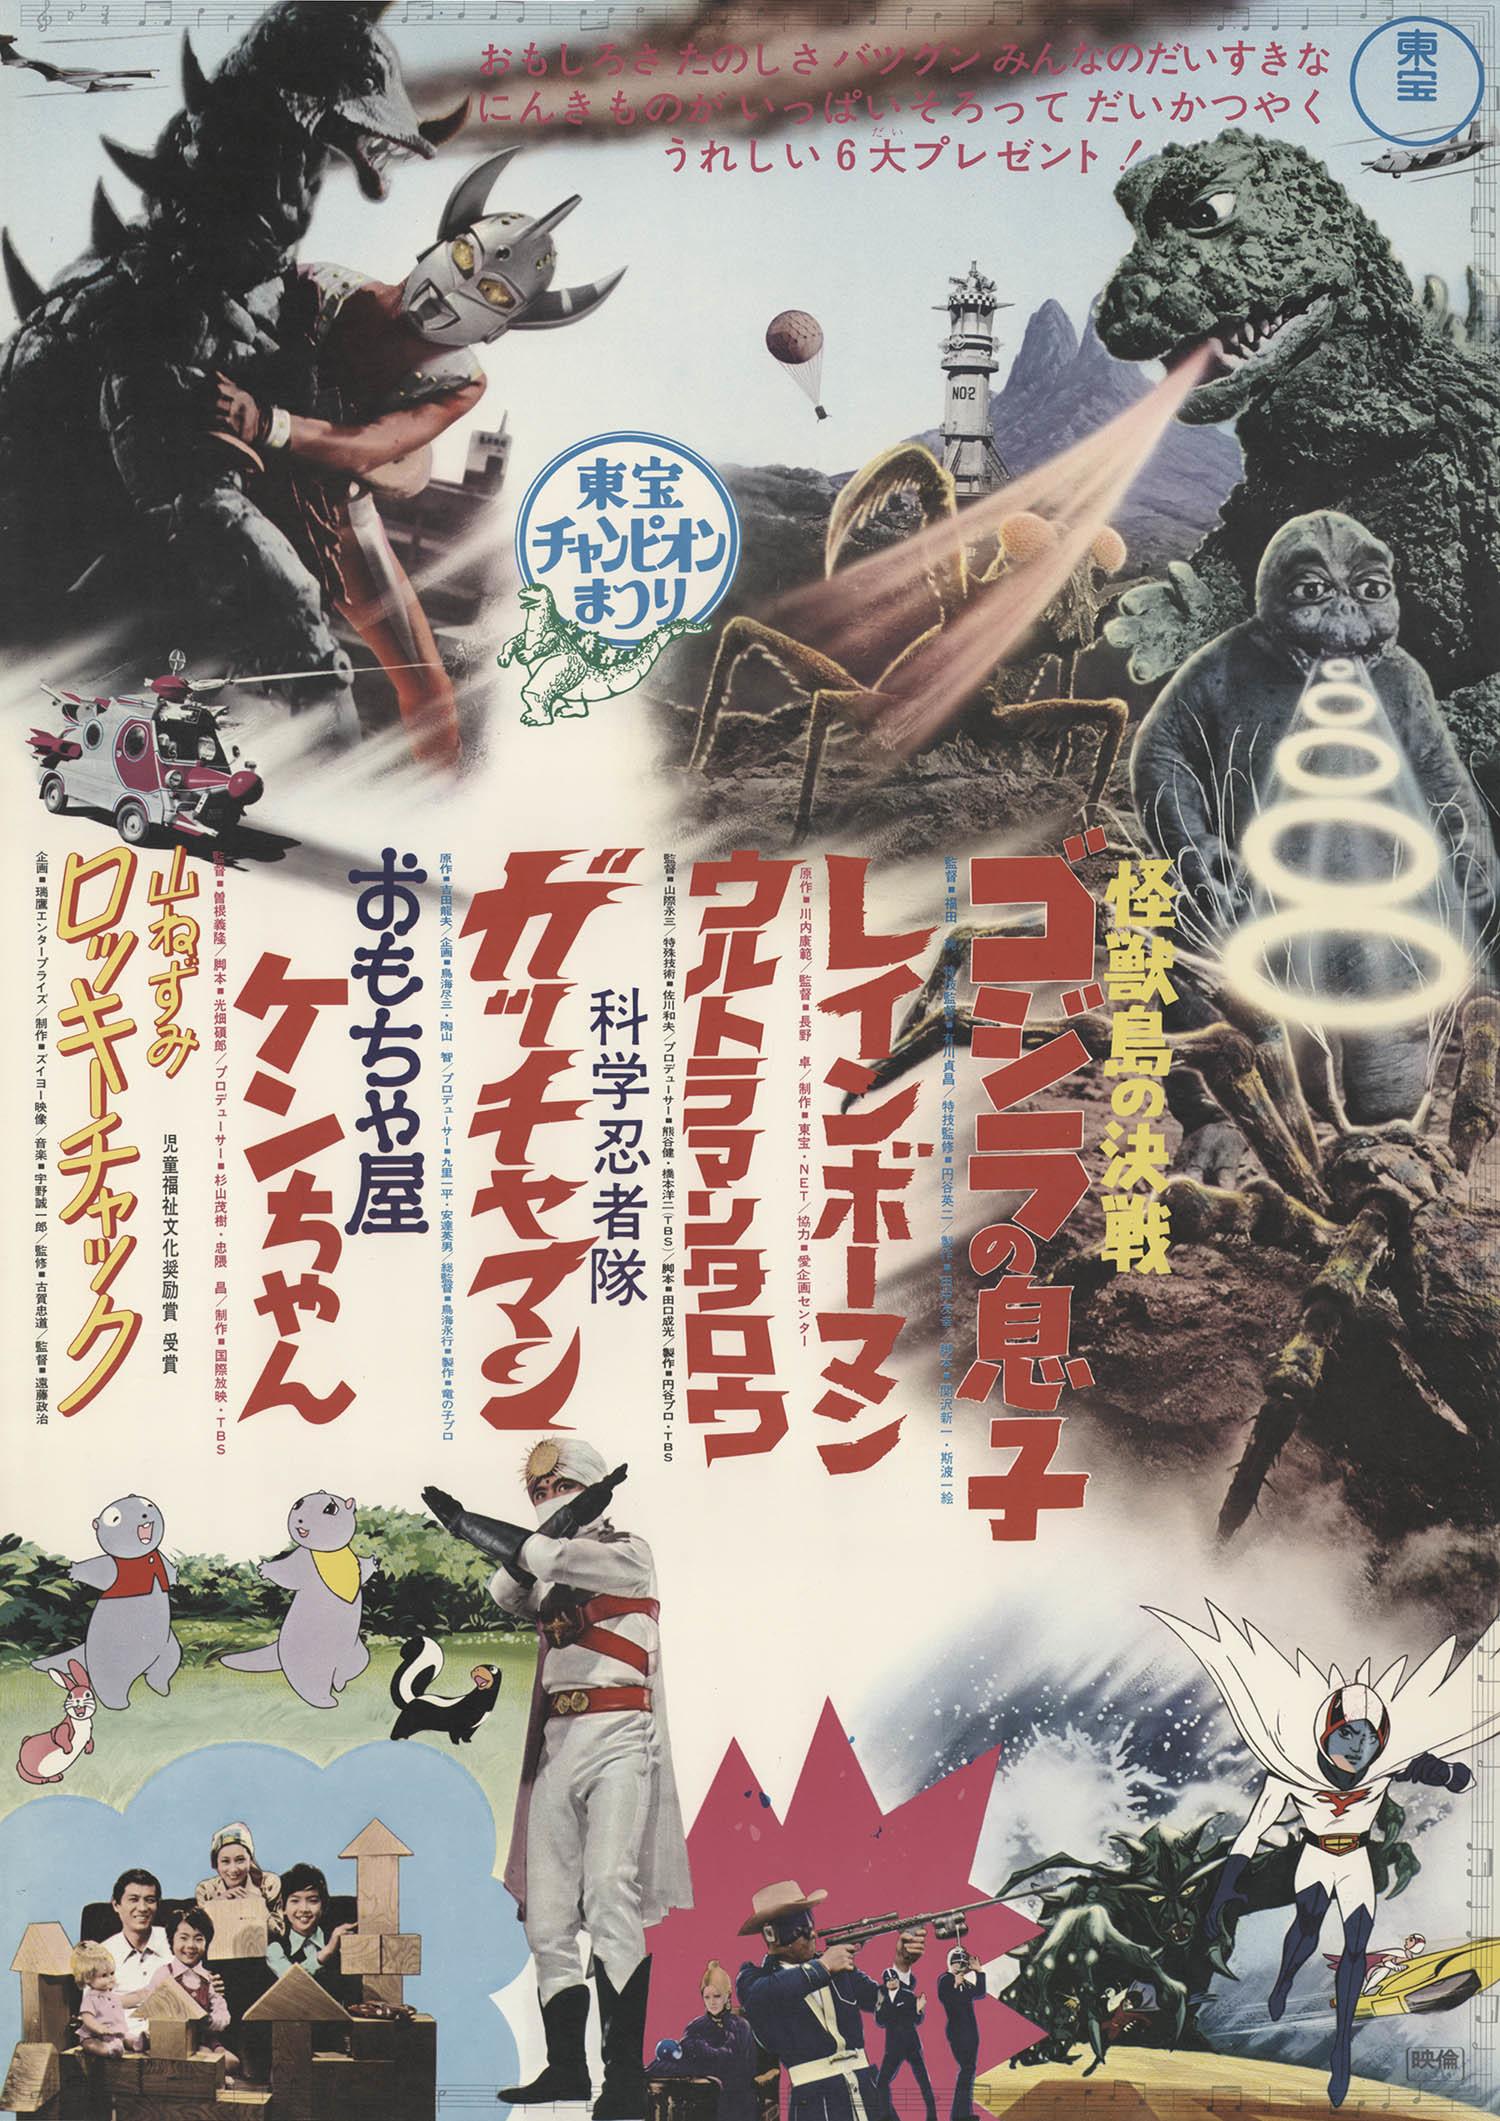 東宝チャンピオンまつり 1973年夏 in ゴジラの息子